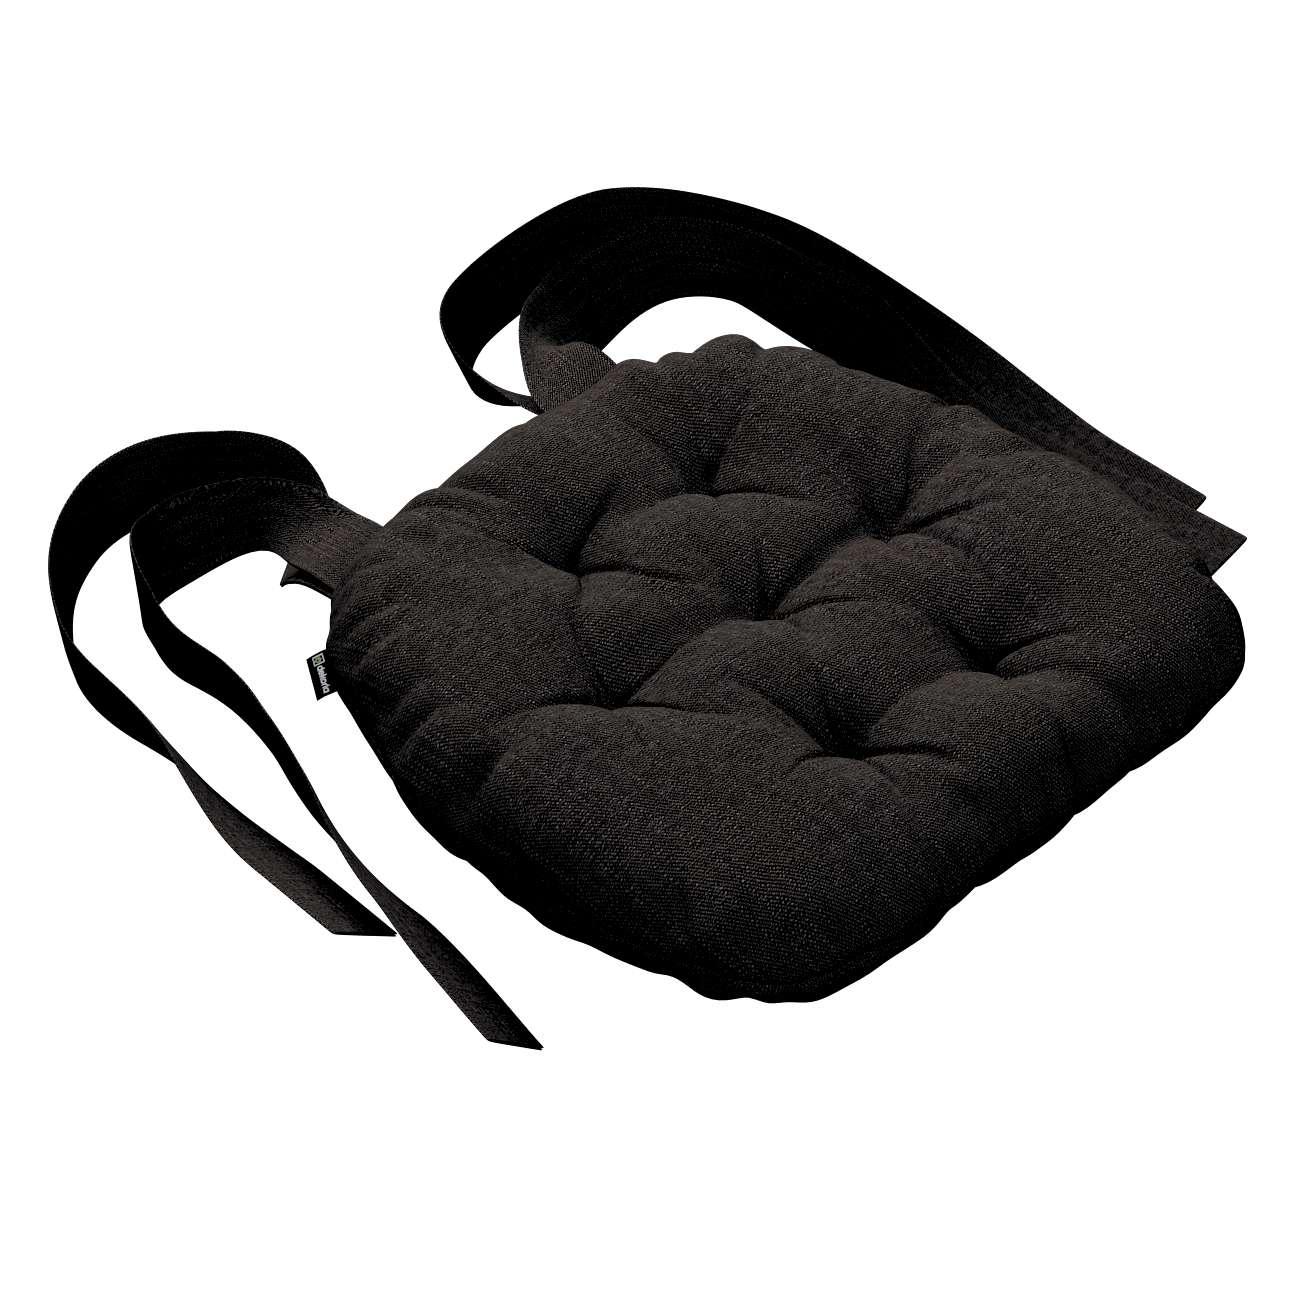 Siedzisko Marcin na krzesło 40x37x8cm w kolekcji Vintage, tkanina: 702-36